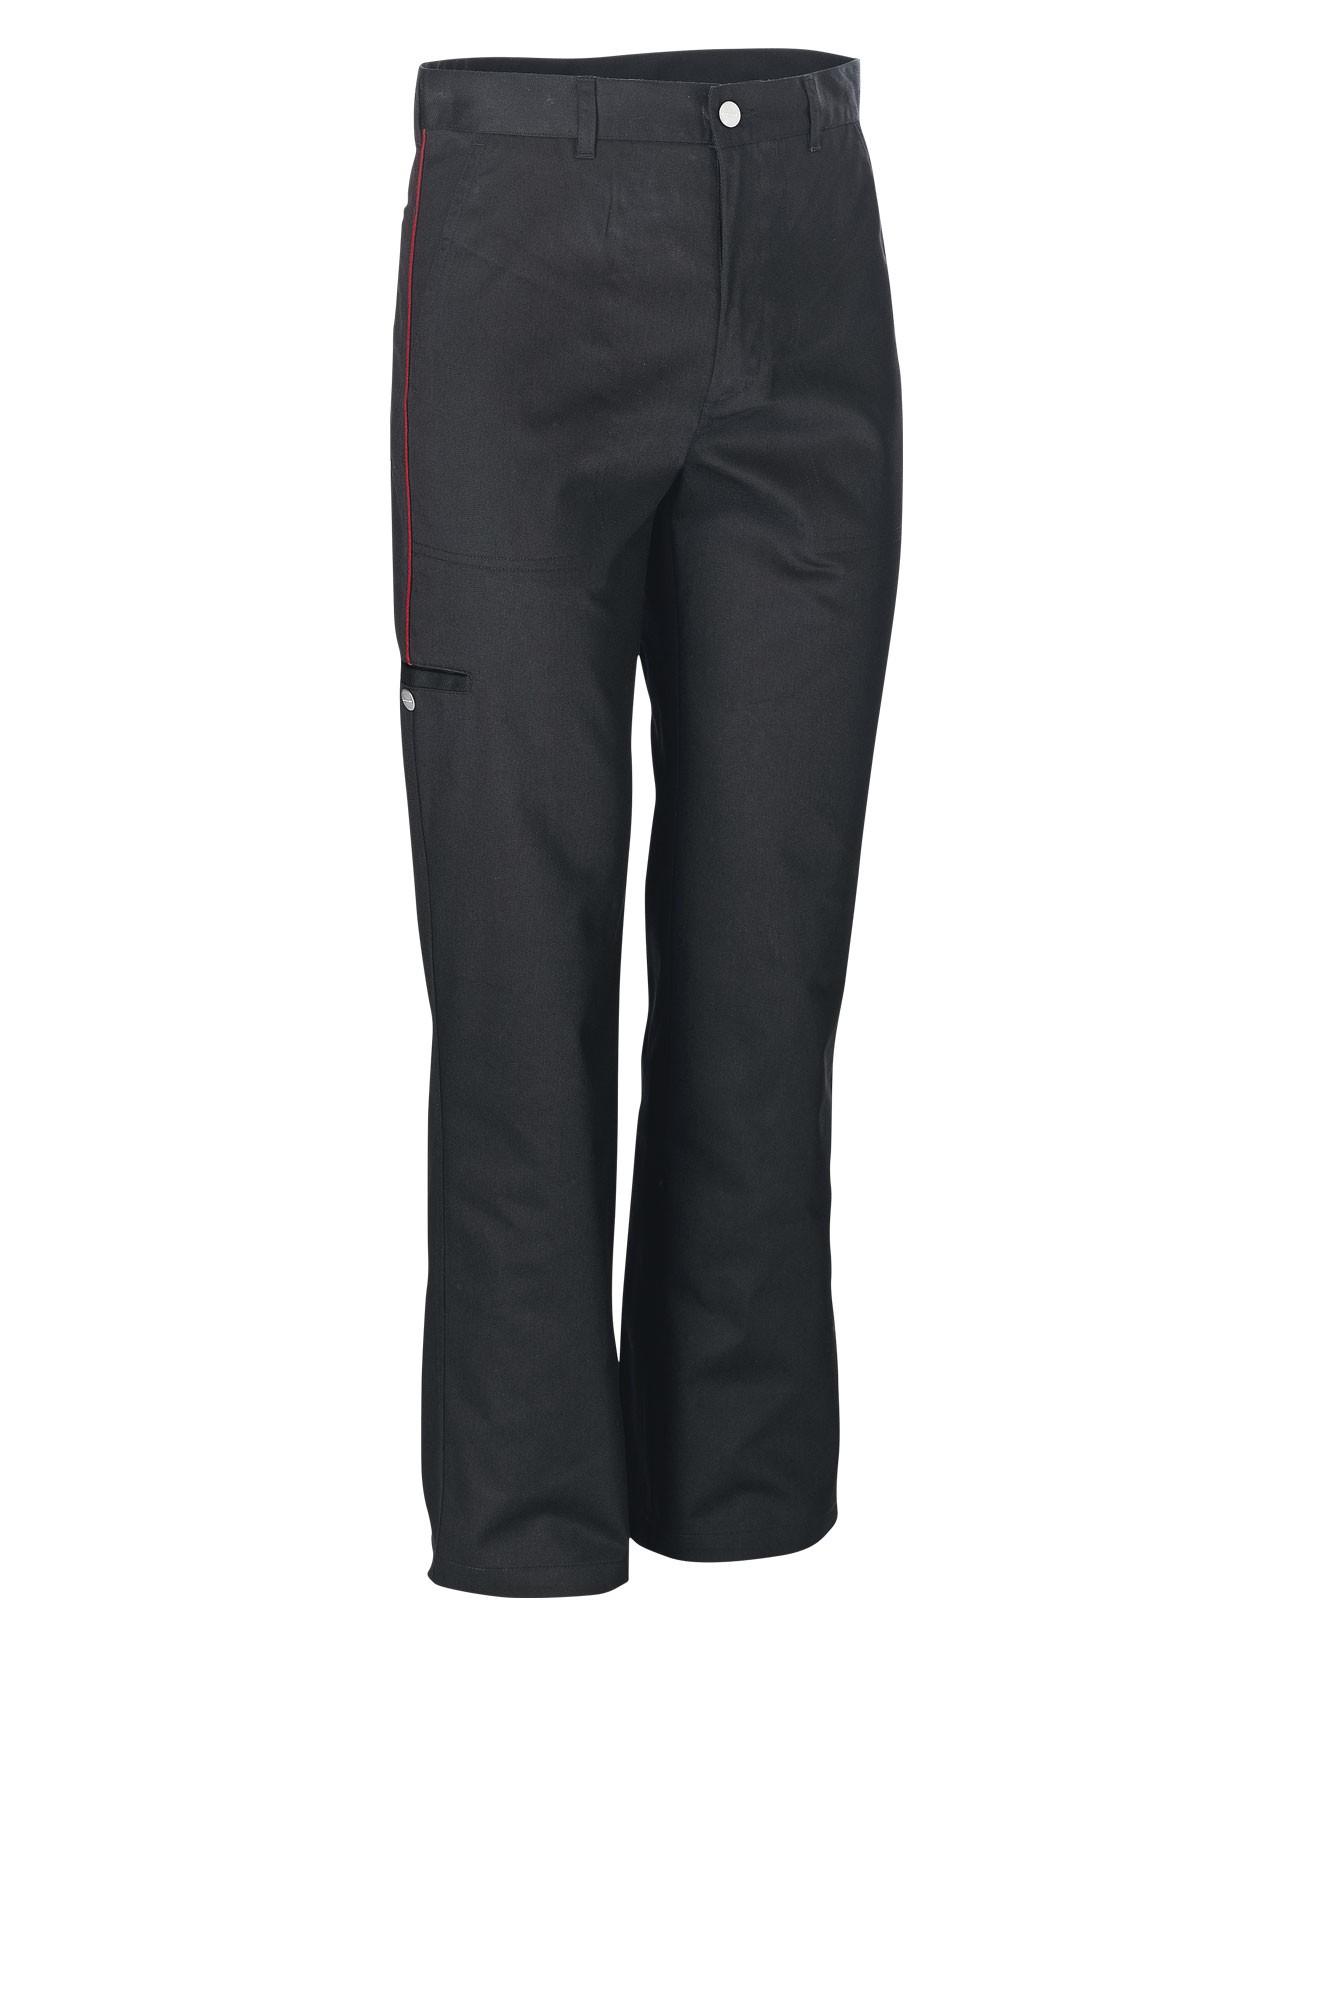 Pánské kalhoty Colin - černá/lem červená